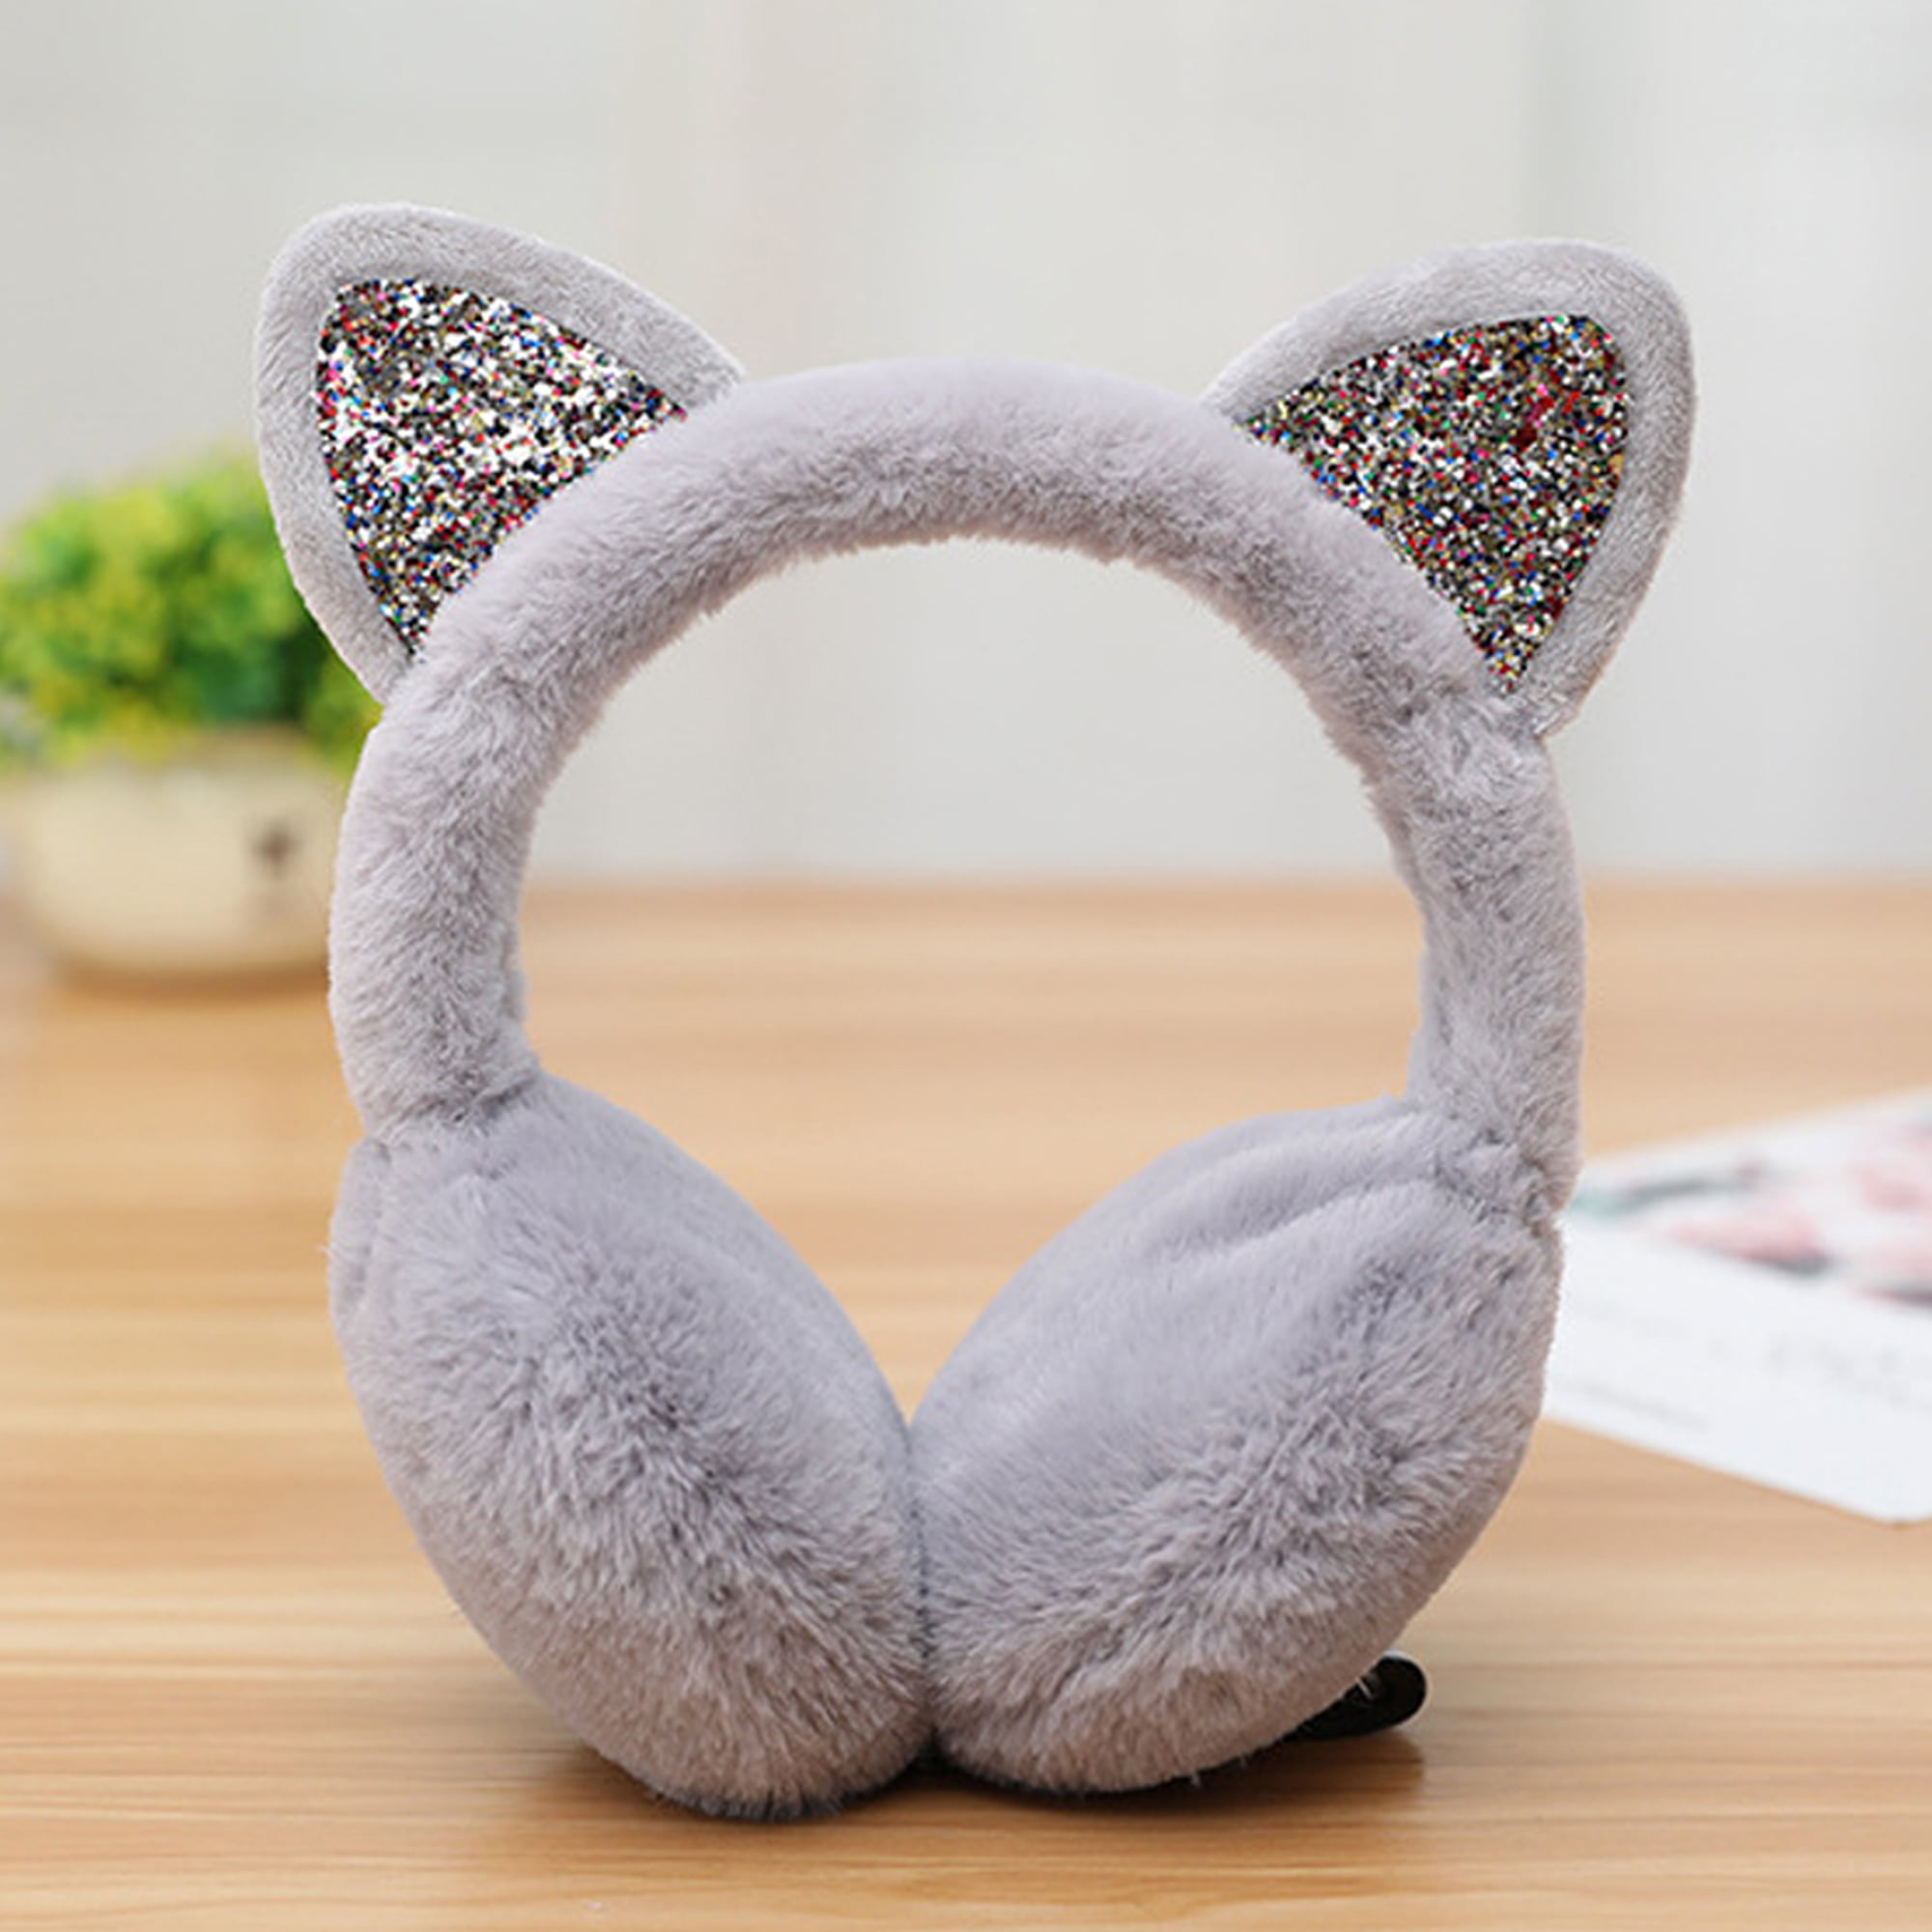 Women Cute Cat Ears Winter Warm Earmuffs Snow Outdoor Ear Warmers Headband